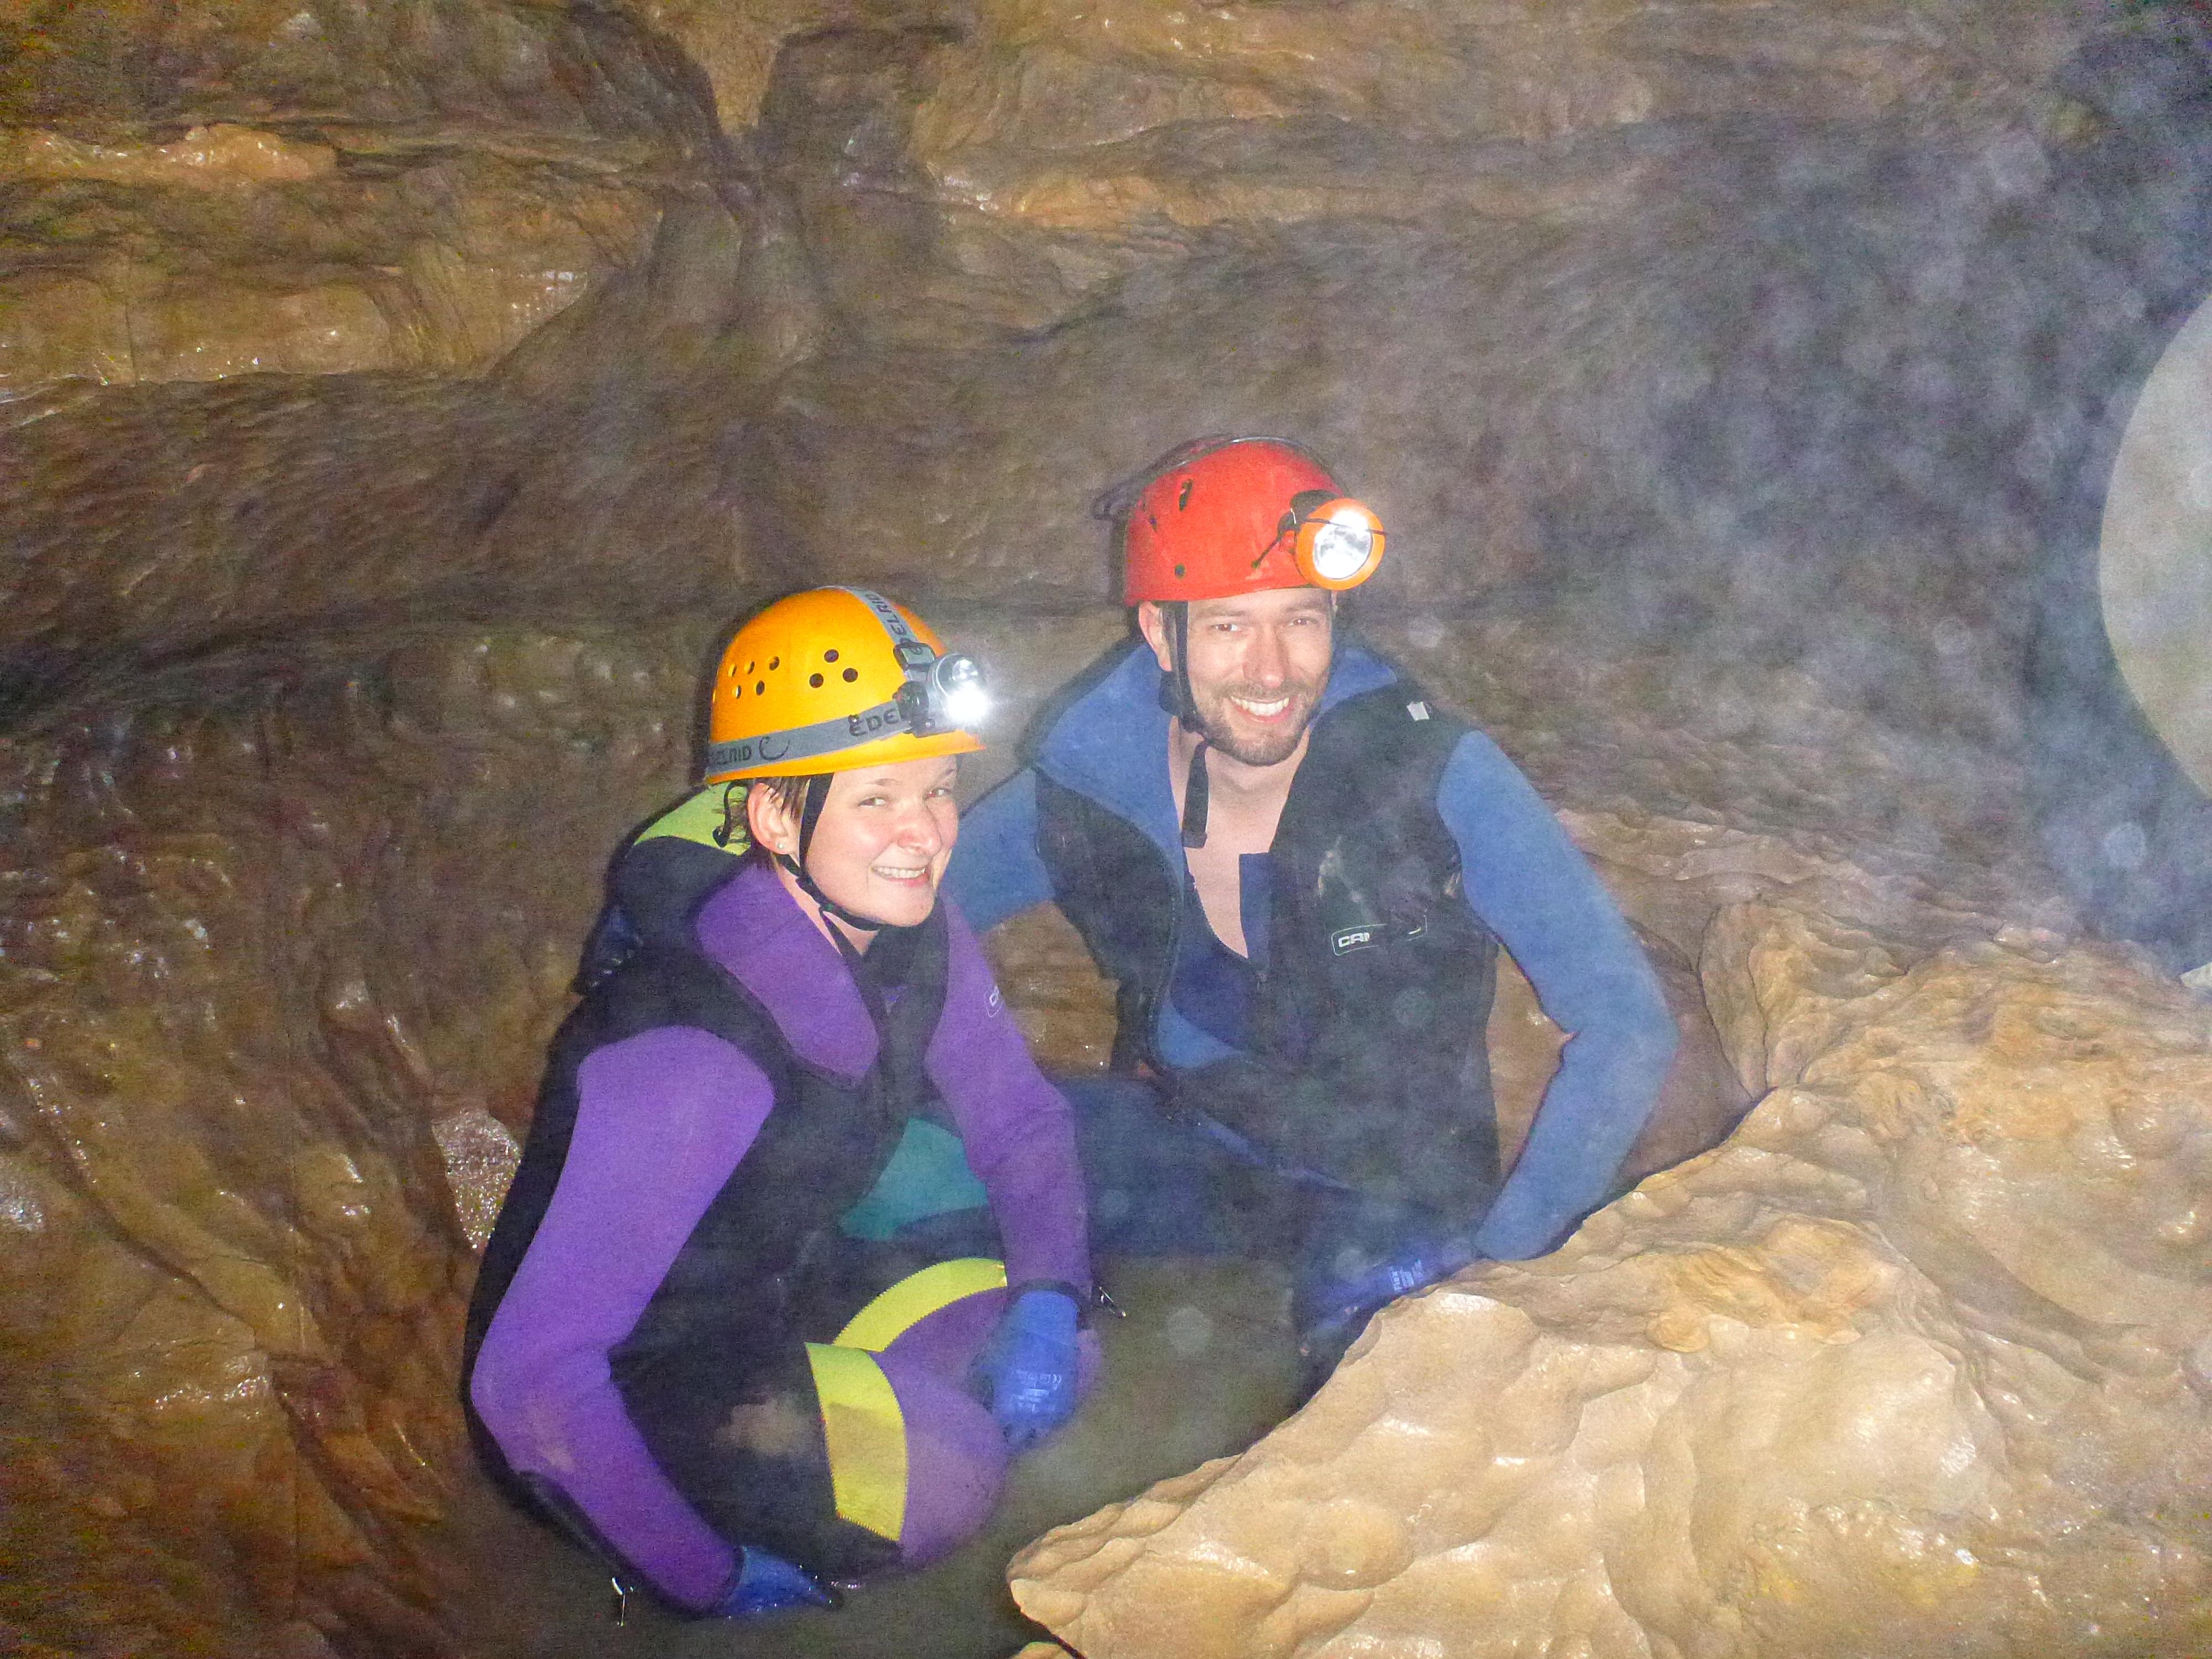 Höhlentour als Welt des MikrokosmosHöhlentour als Welt des Mikrokosmos